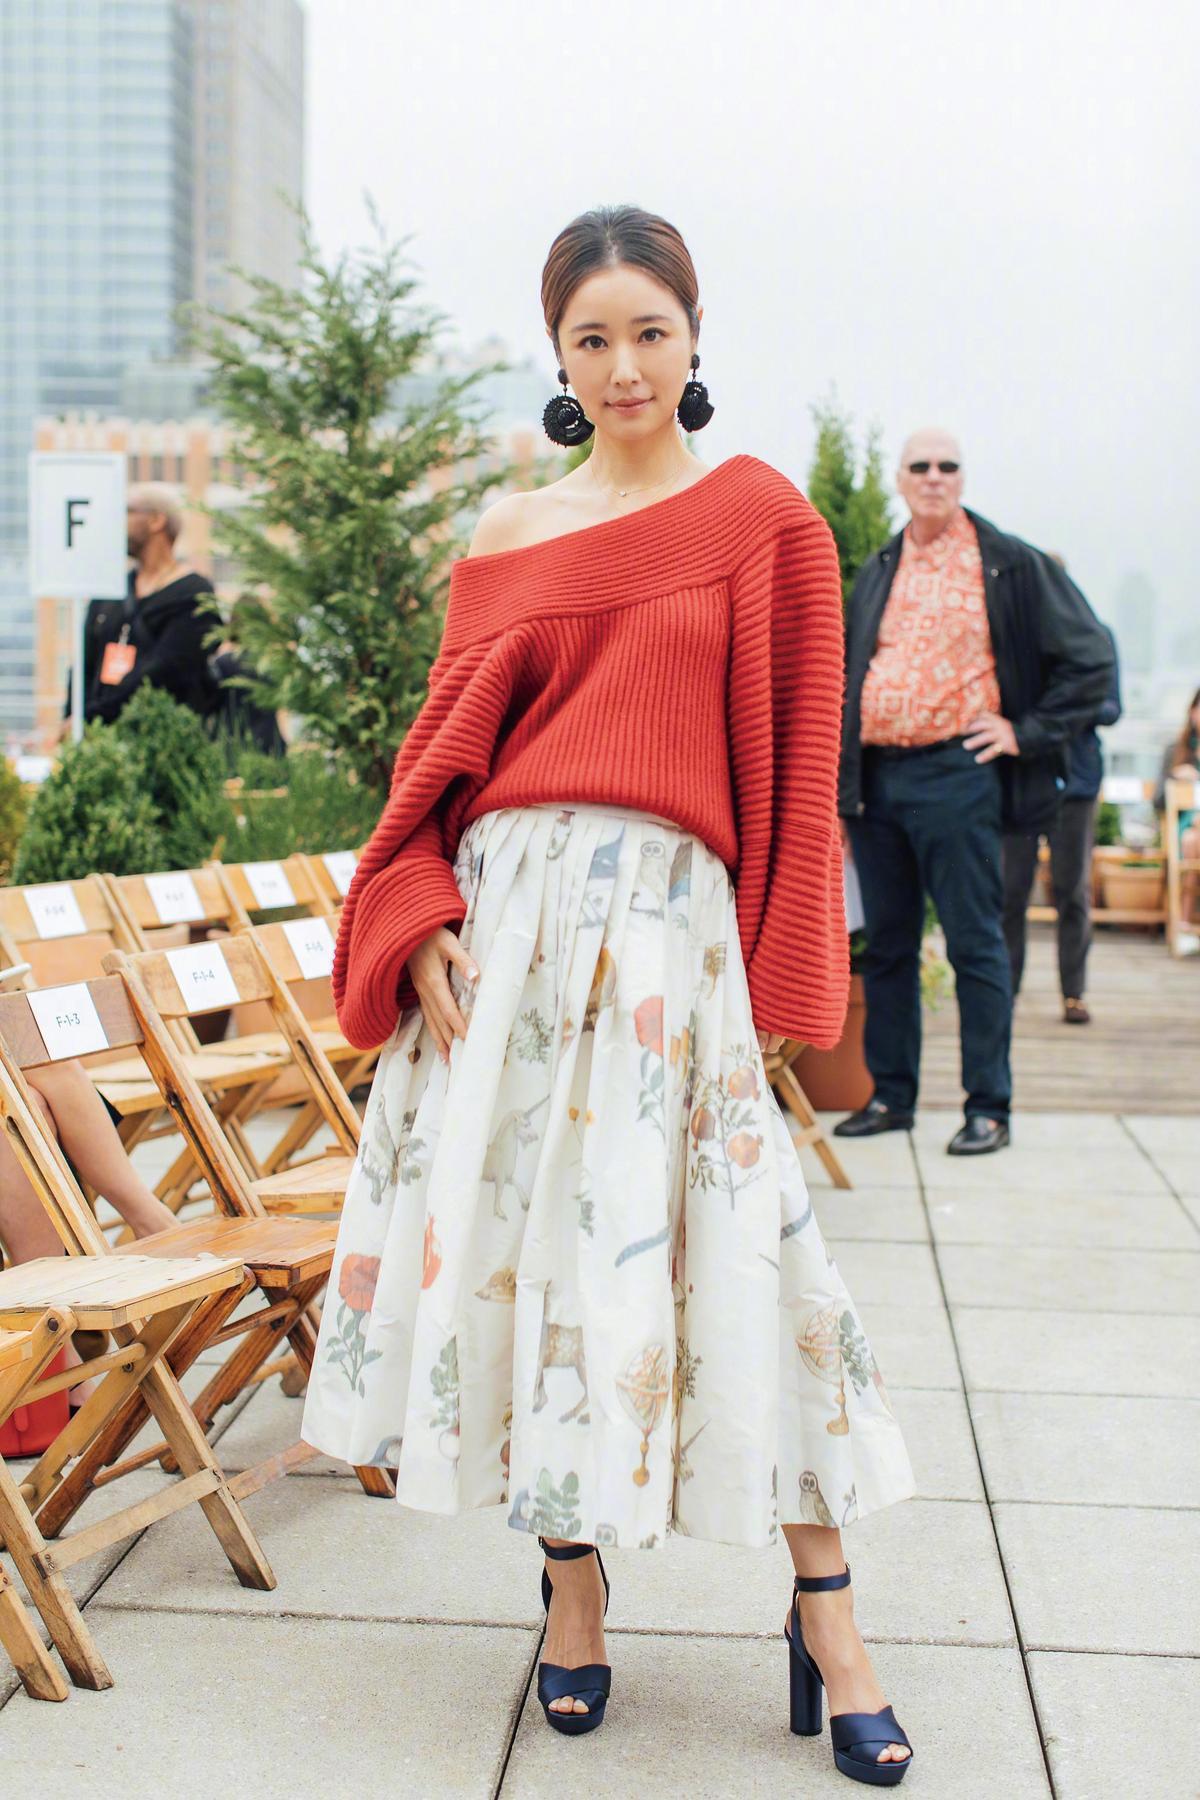 林心如,紅色斜肩寬鬆上衣與動植物圖騰長圓裙,是既高雅又脫俗的look。林心如選擇在裸露的肩上,搭配大型耳環,讓乾淨的髮型,凸顯出臉部輪廓,氣質滿分。